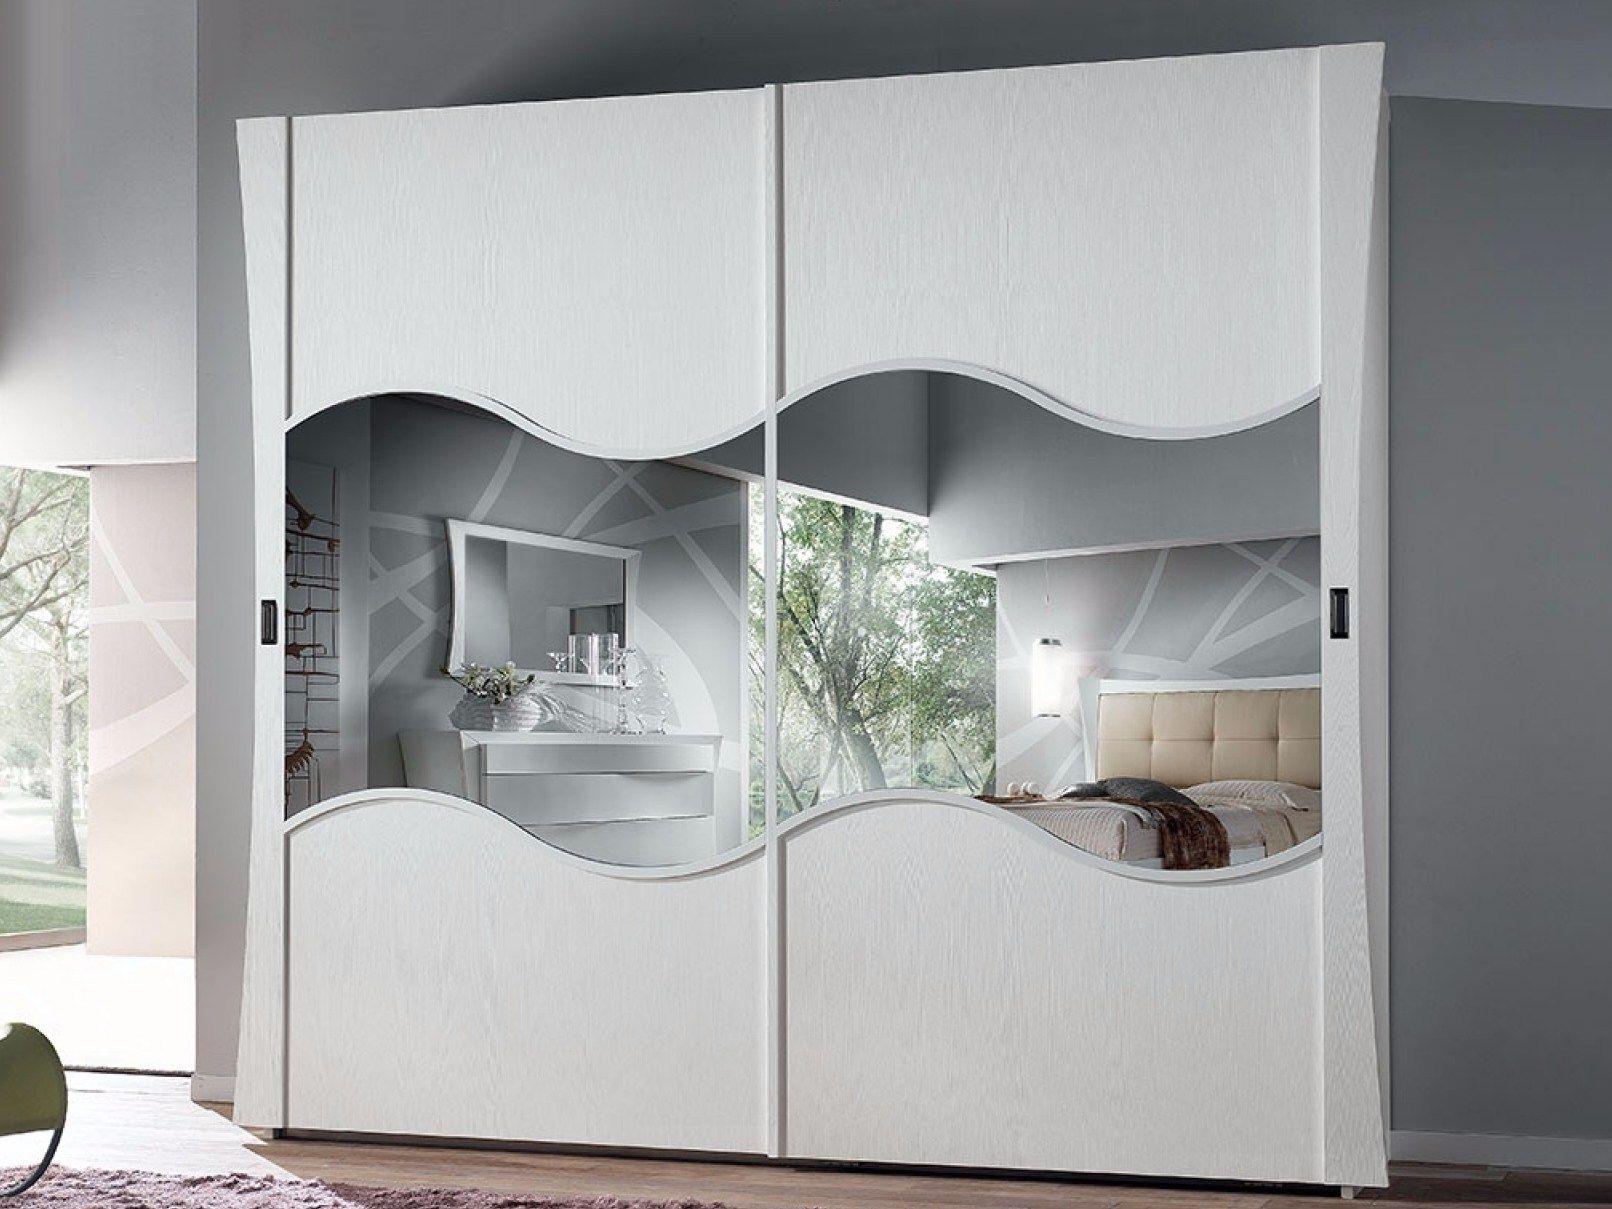 Vela armadio con specchio collezione vela by arvestyle - Porte scorrevoli con specchio ...